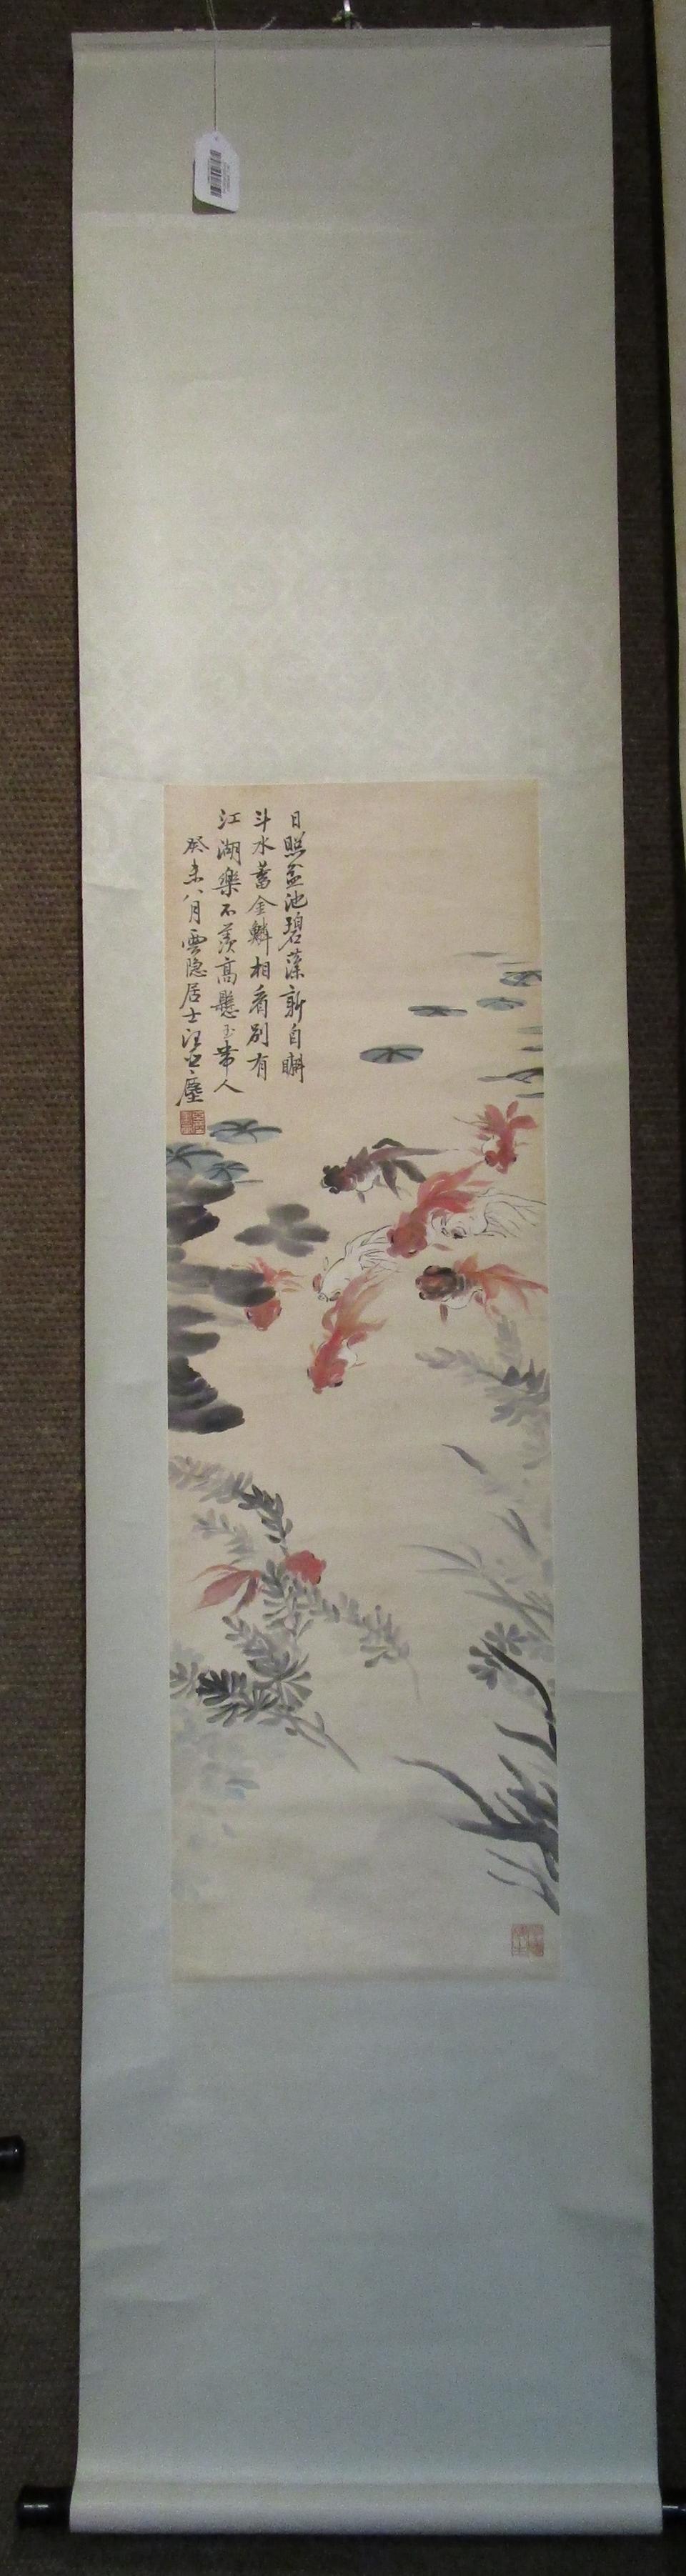 Wang Yachen (1894-1983)  Goldfish, 1943